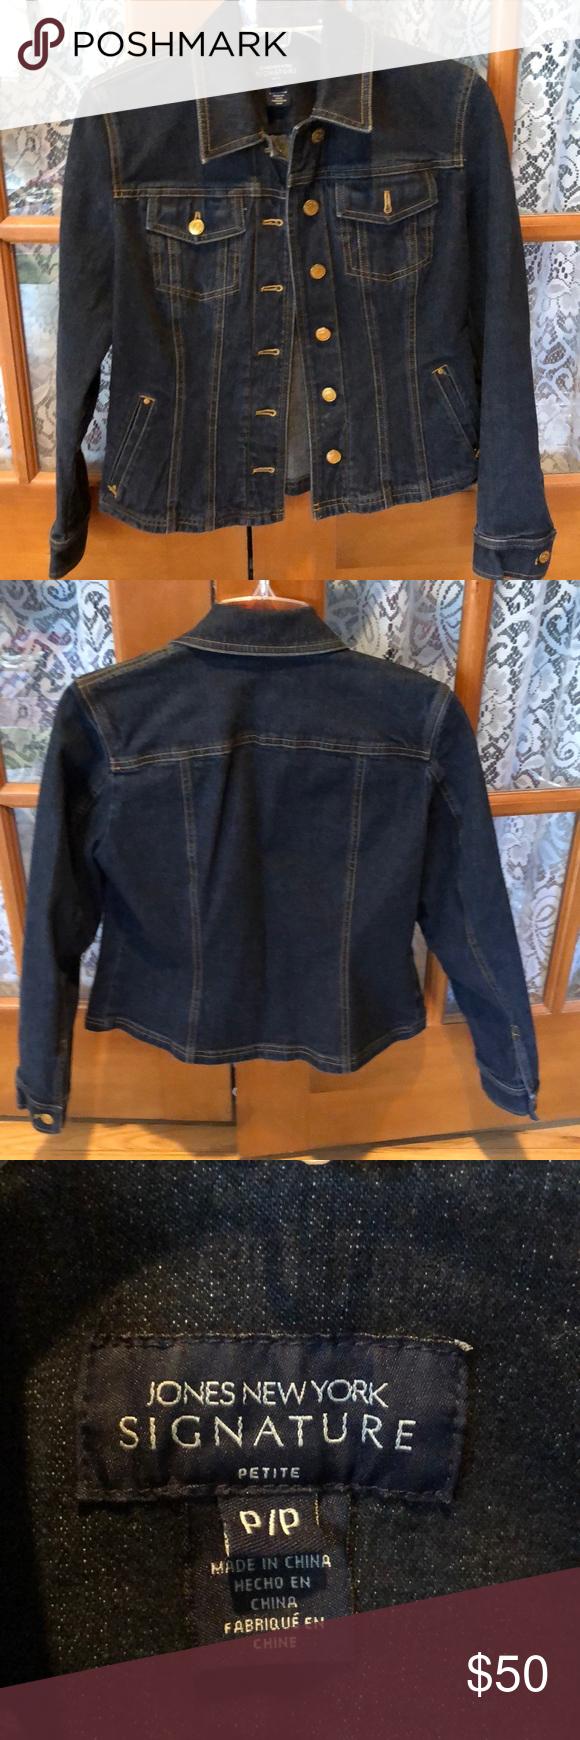 Dark Jean Jacket Dark Denim Jean Jacket With Gold Metal Buttons Jones New York Jackets Coats Jean Jackets Dark Jean Jacket Jean Jacket Dark Jeans [ 1740 x 580 Pixel ]